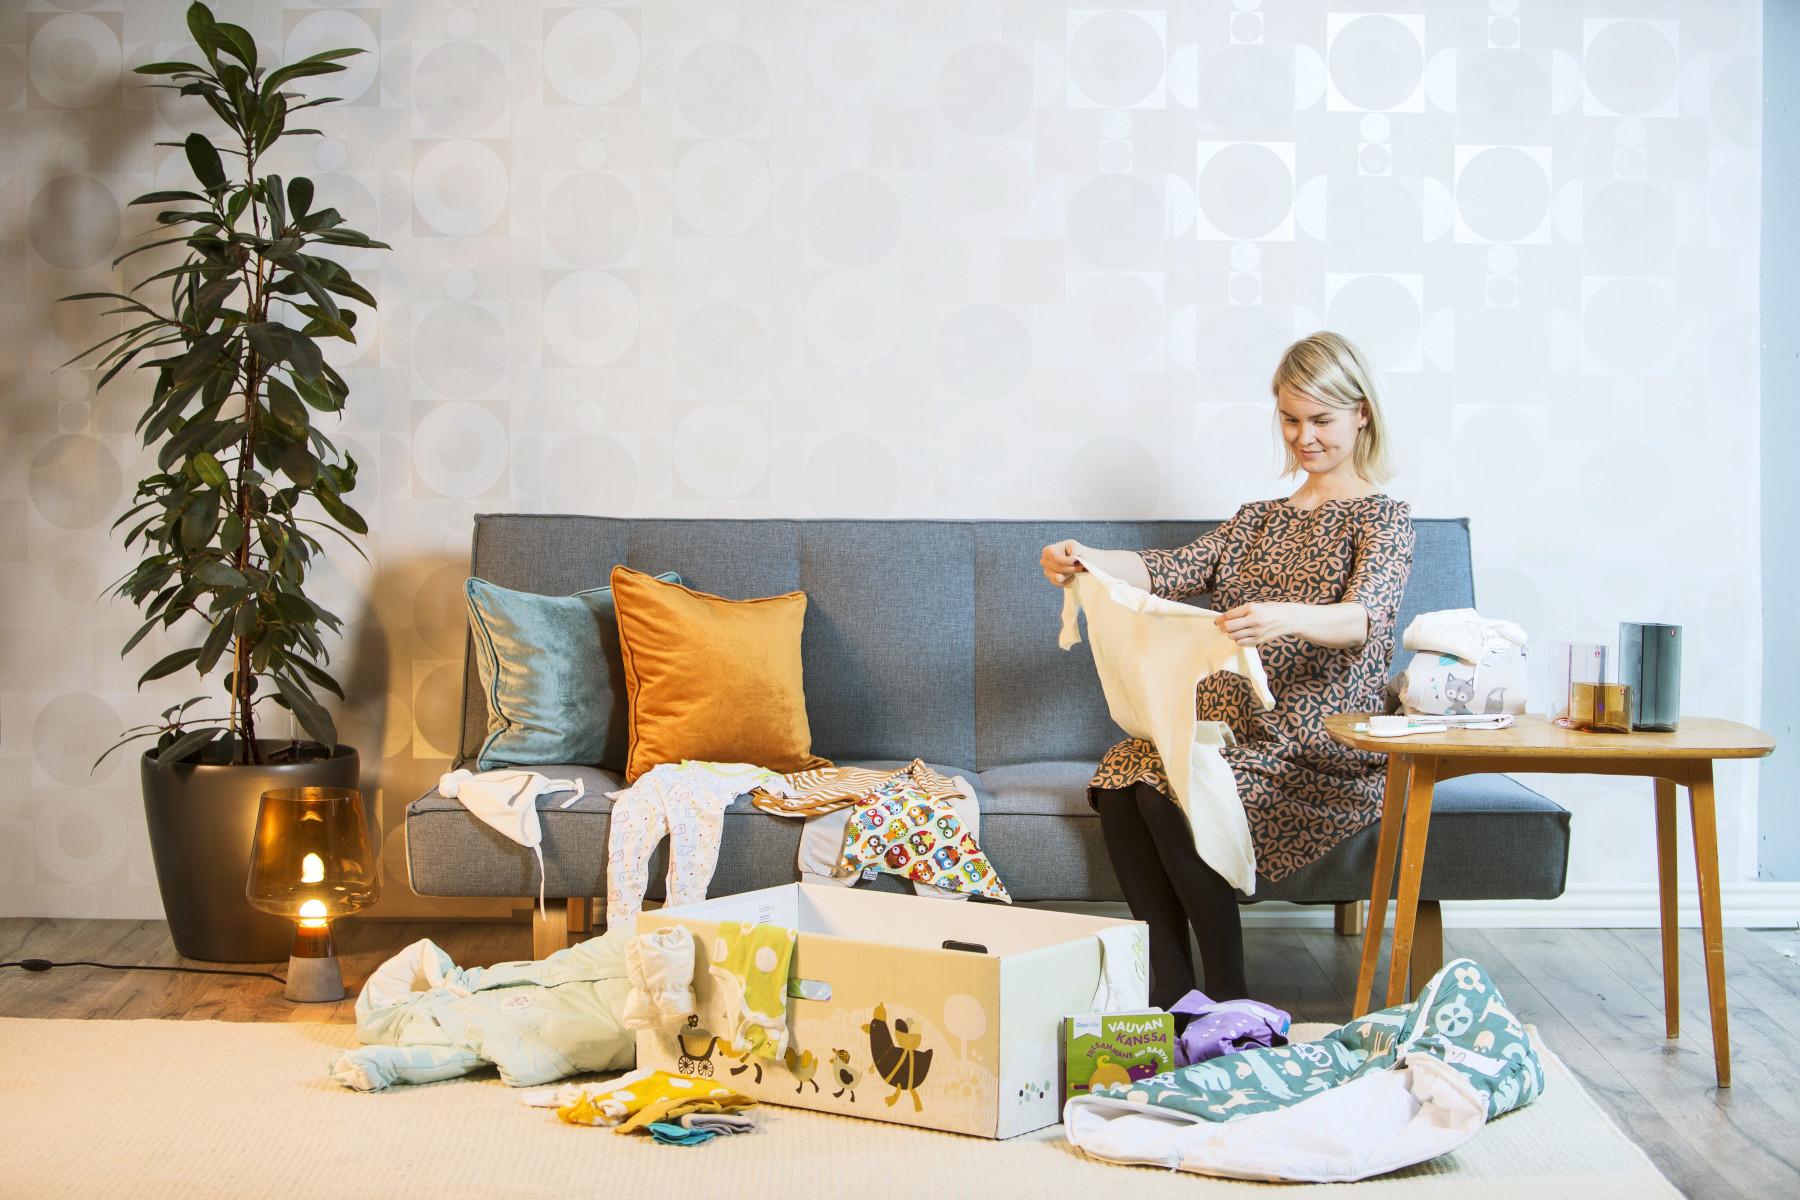 """Na Finlândia e nos outros países nórdicos é completamente normal que os bebês tirem cochilos à tarde ao ar livre, mesmo em temperaturas abaixo de zero. É por isso que a caixa de bebê inclui um macação acolchoado e um saco de dormir. """"Todos os pais finlandeses sabem que os bebês dormem melhor ao ar livre. Esta é uma tradição muito longa. E tudo depende da roupa certa: quanto mais frio estiver, mais camadas você adiciona"""", diz o pediatra Erik Qvist, do Centro Médico Pikkujätti para Crianças e Jovens."""